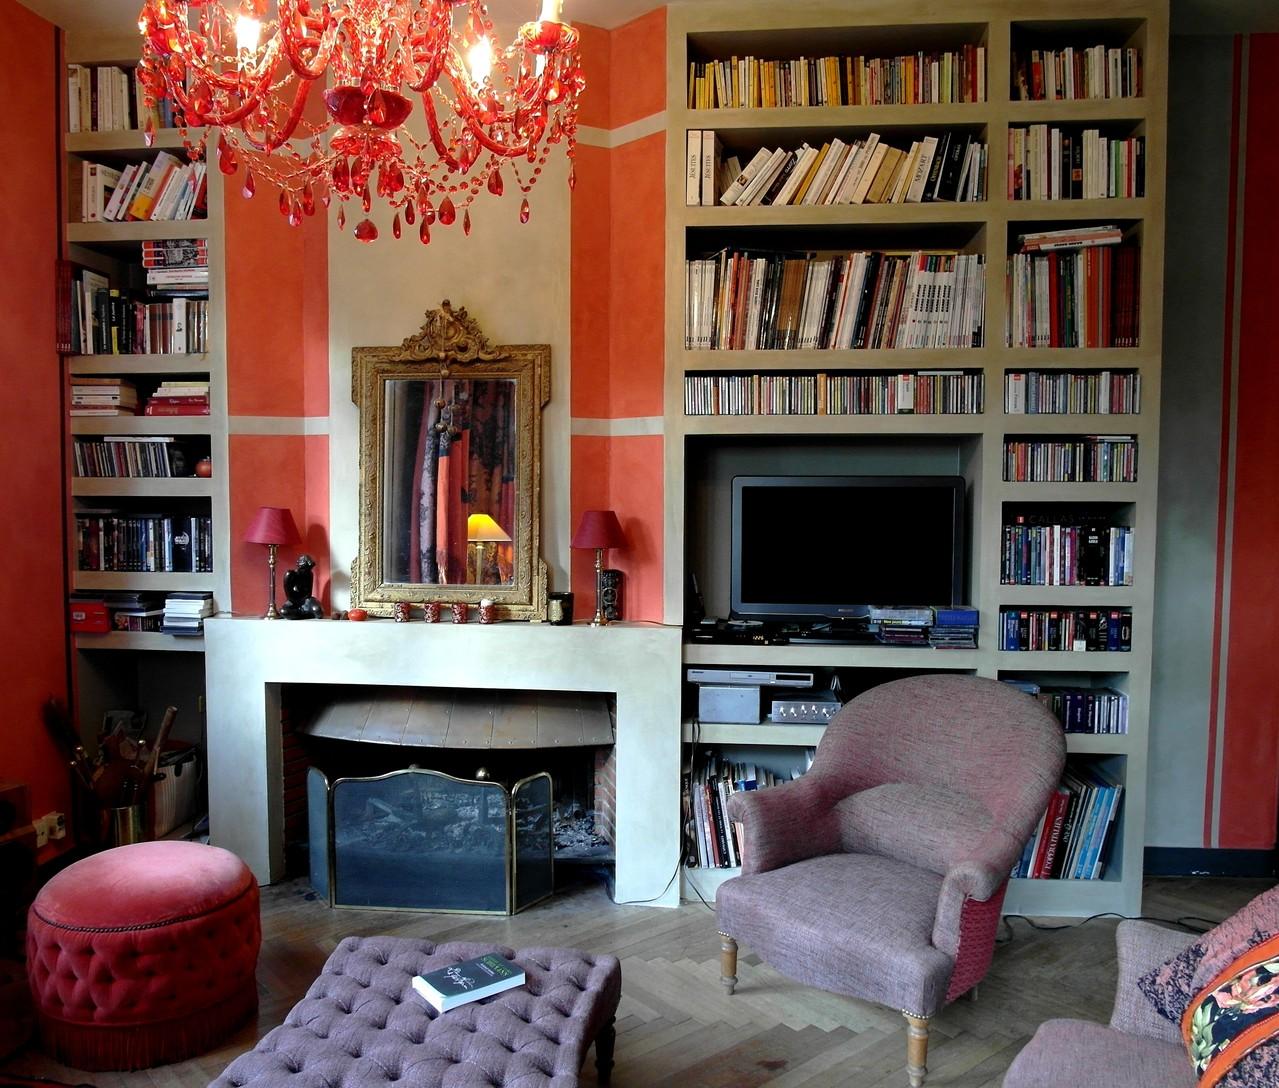 maison 50 herve cluson d corateur architecte decoration createur chaux fresque staff. Black Bedroom Furniture Sets. Home Design Ideas